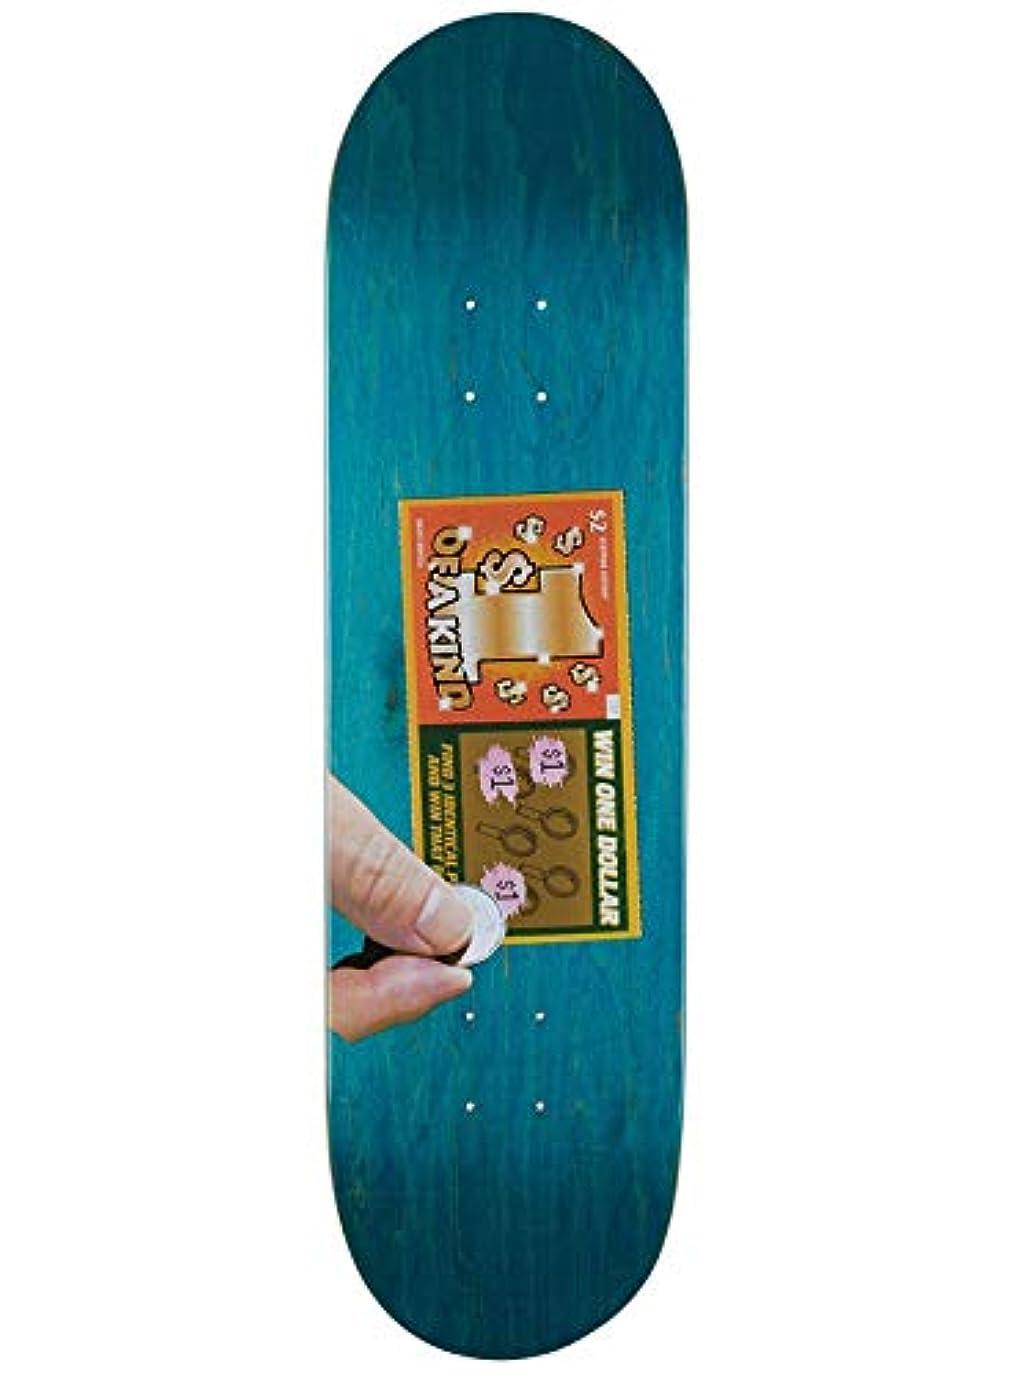 円周フェードアウト努力Skate Mental Green Kleppan Scratcher スケートボードデッキ 8.375インチ (デフォルト、グリーン)